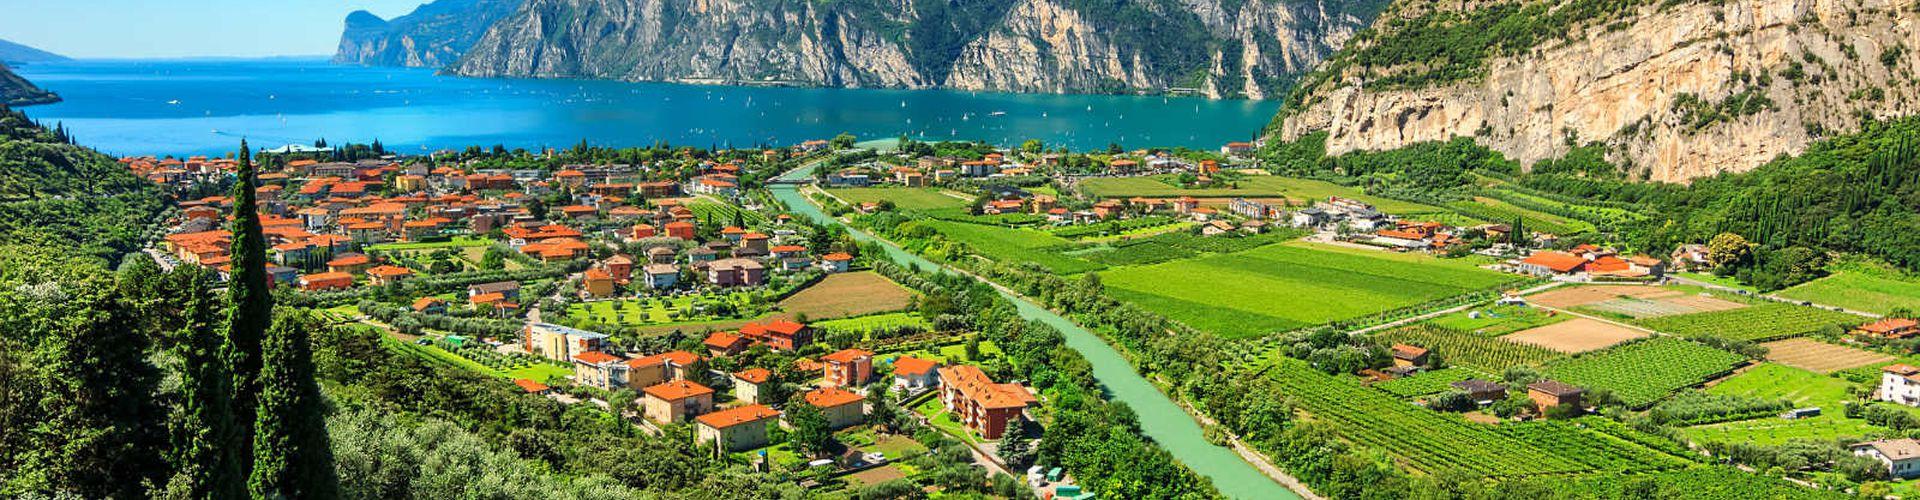 10 stunning bike tours around Lake Garda